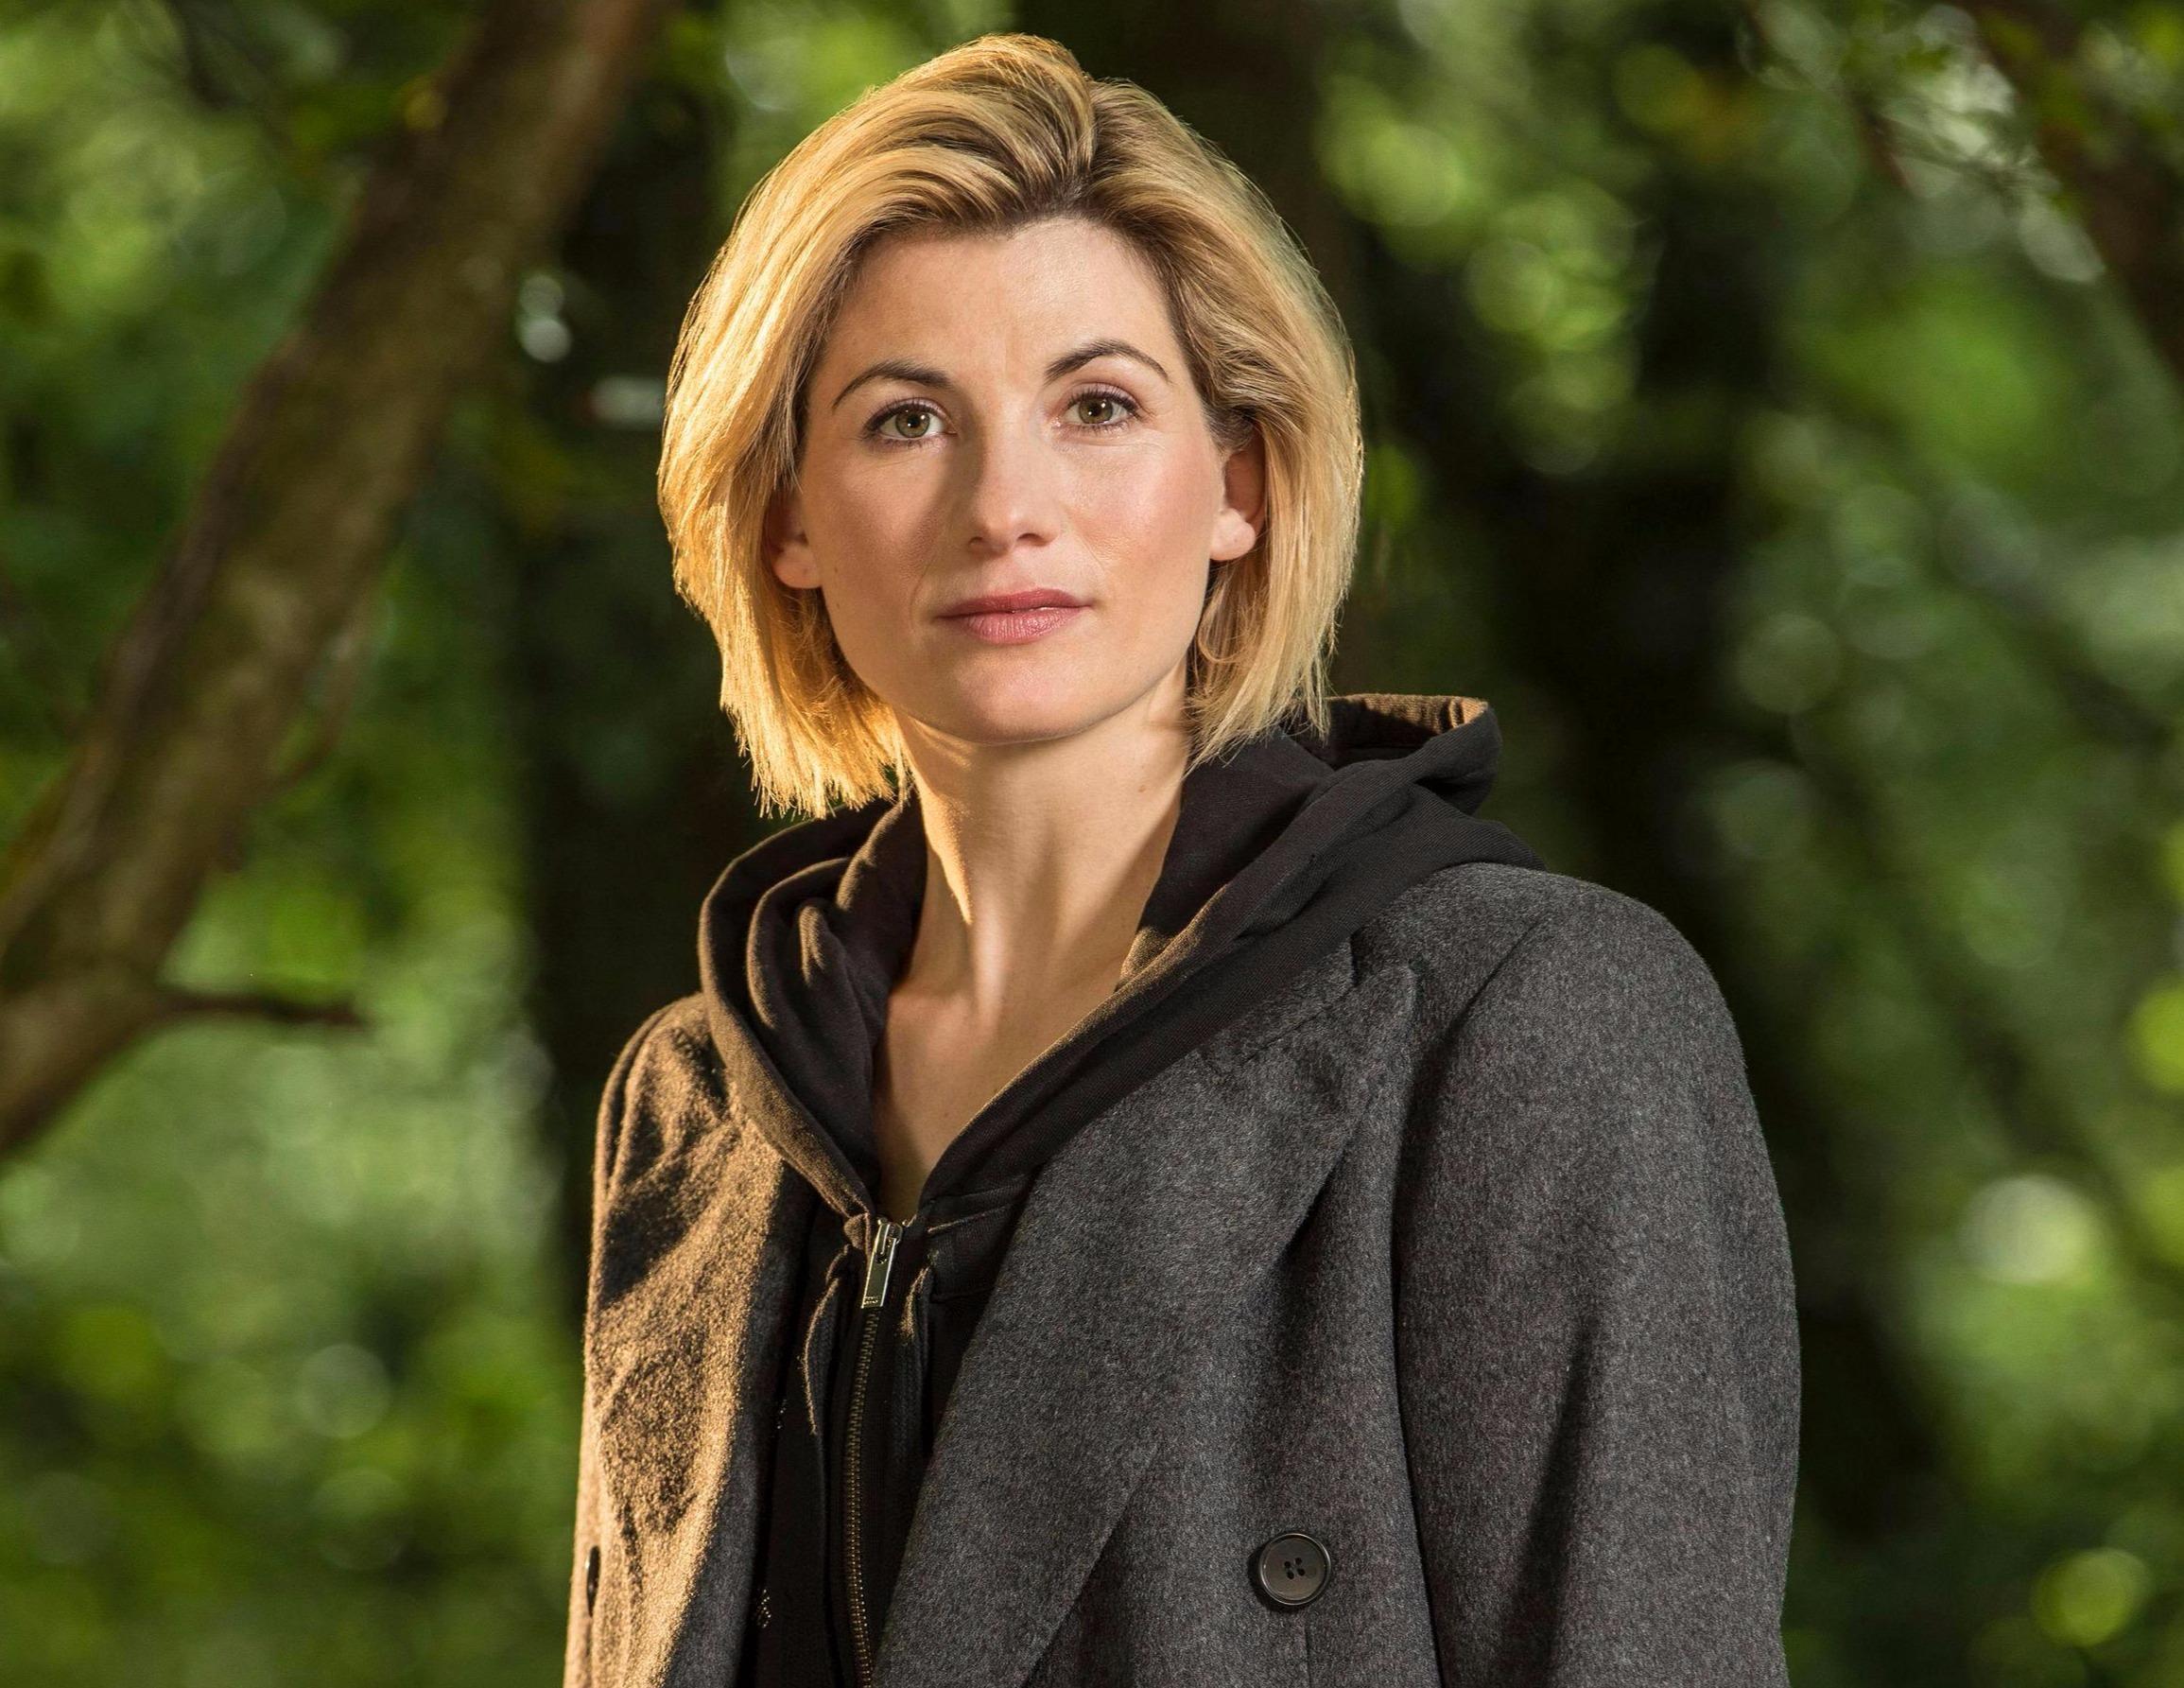 Jodie Whittaker From Doctor Who Wallpaper Hd Celebrities 4k